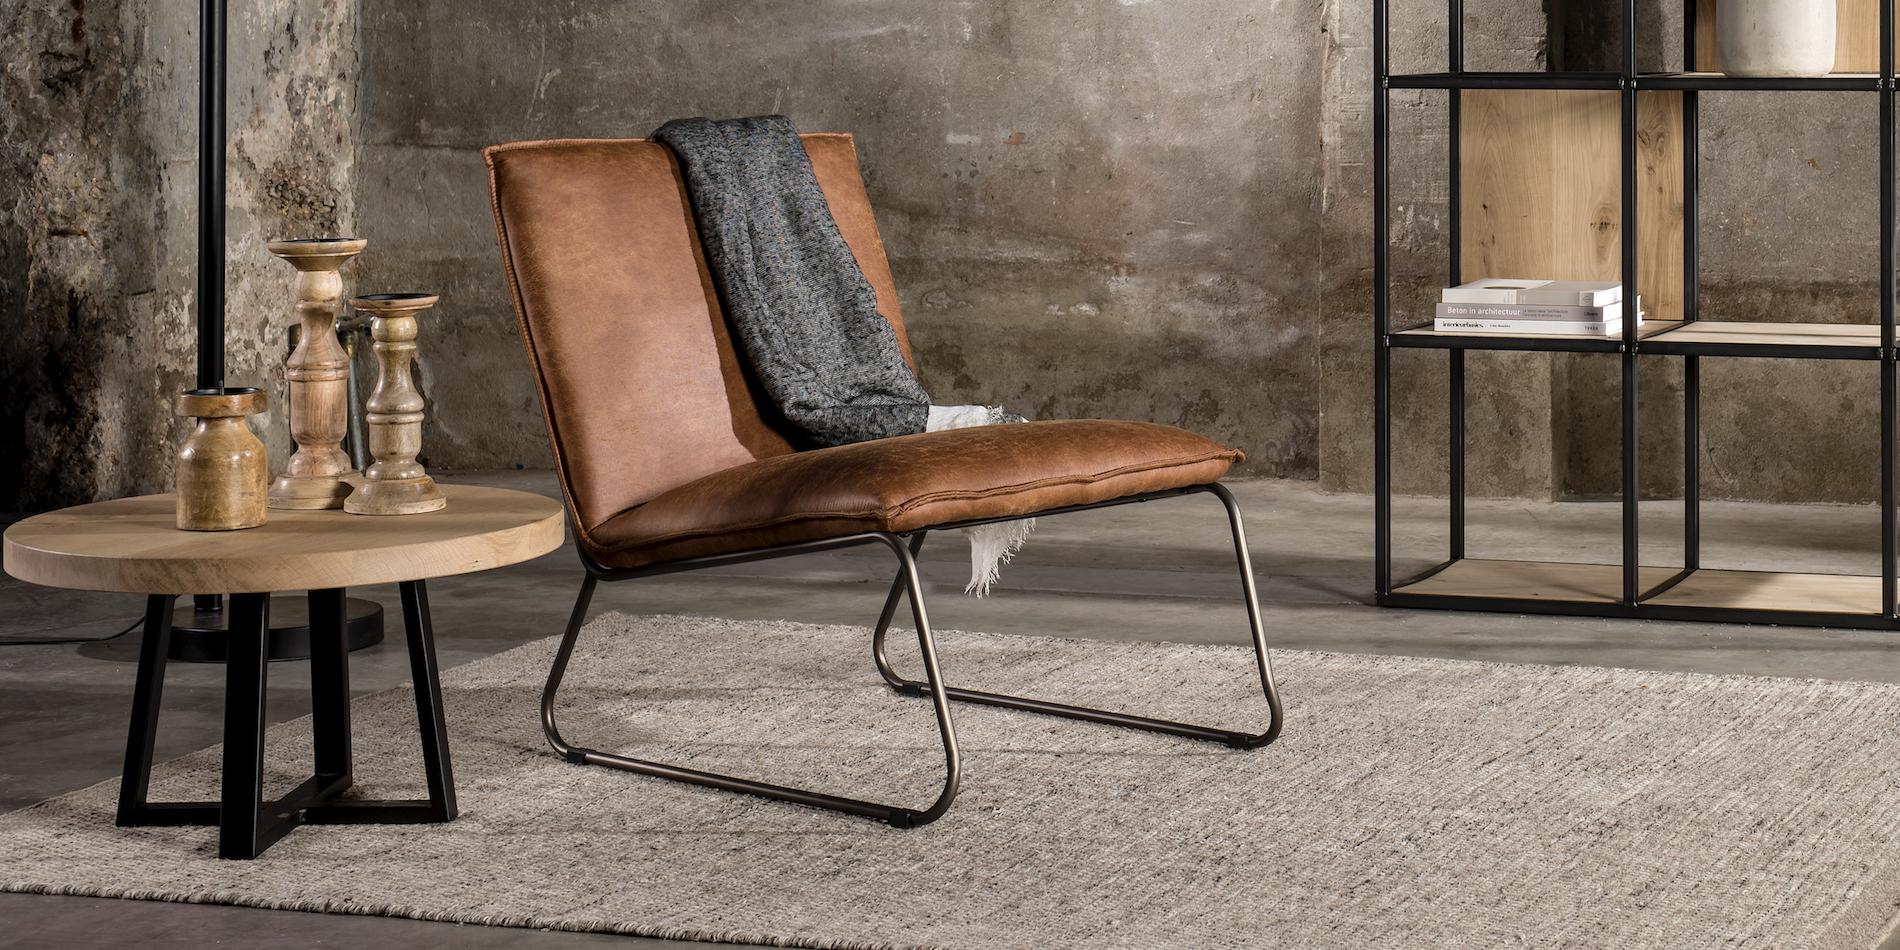 fauteuil cognac industrieel